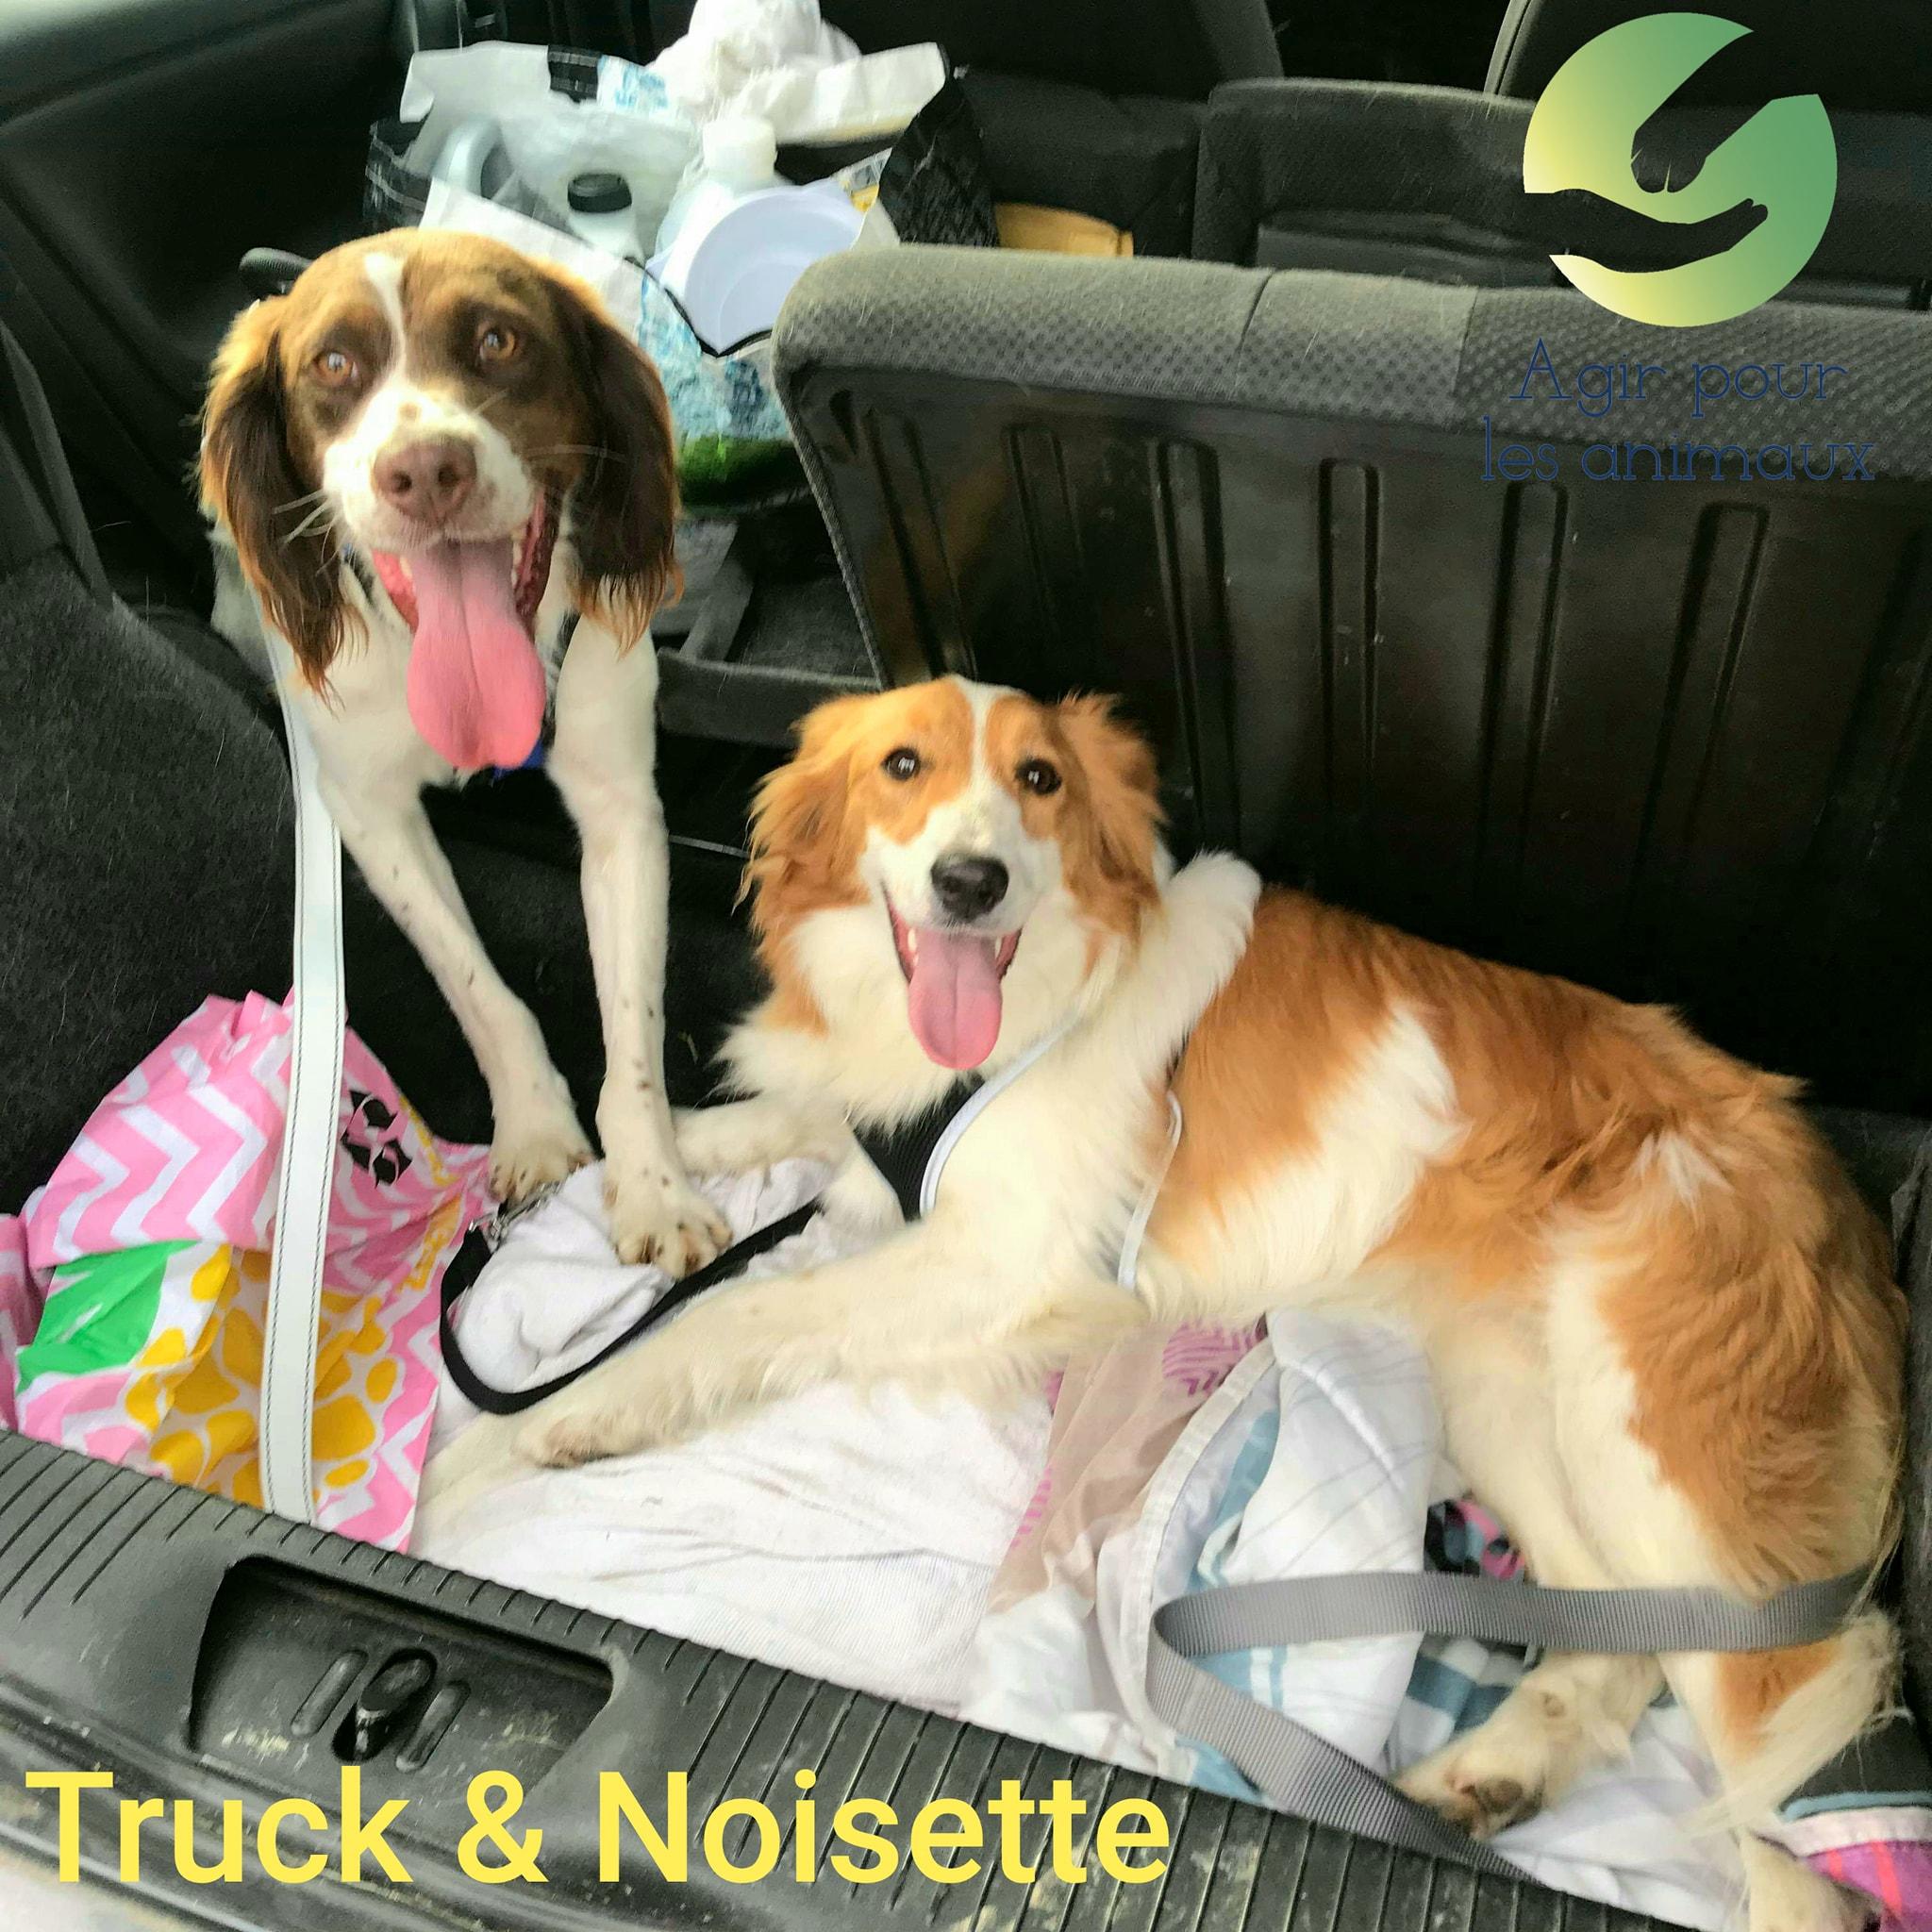 TRUCK et NOISETTE